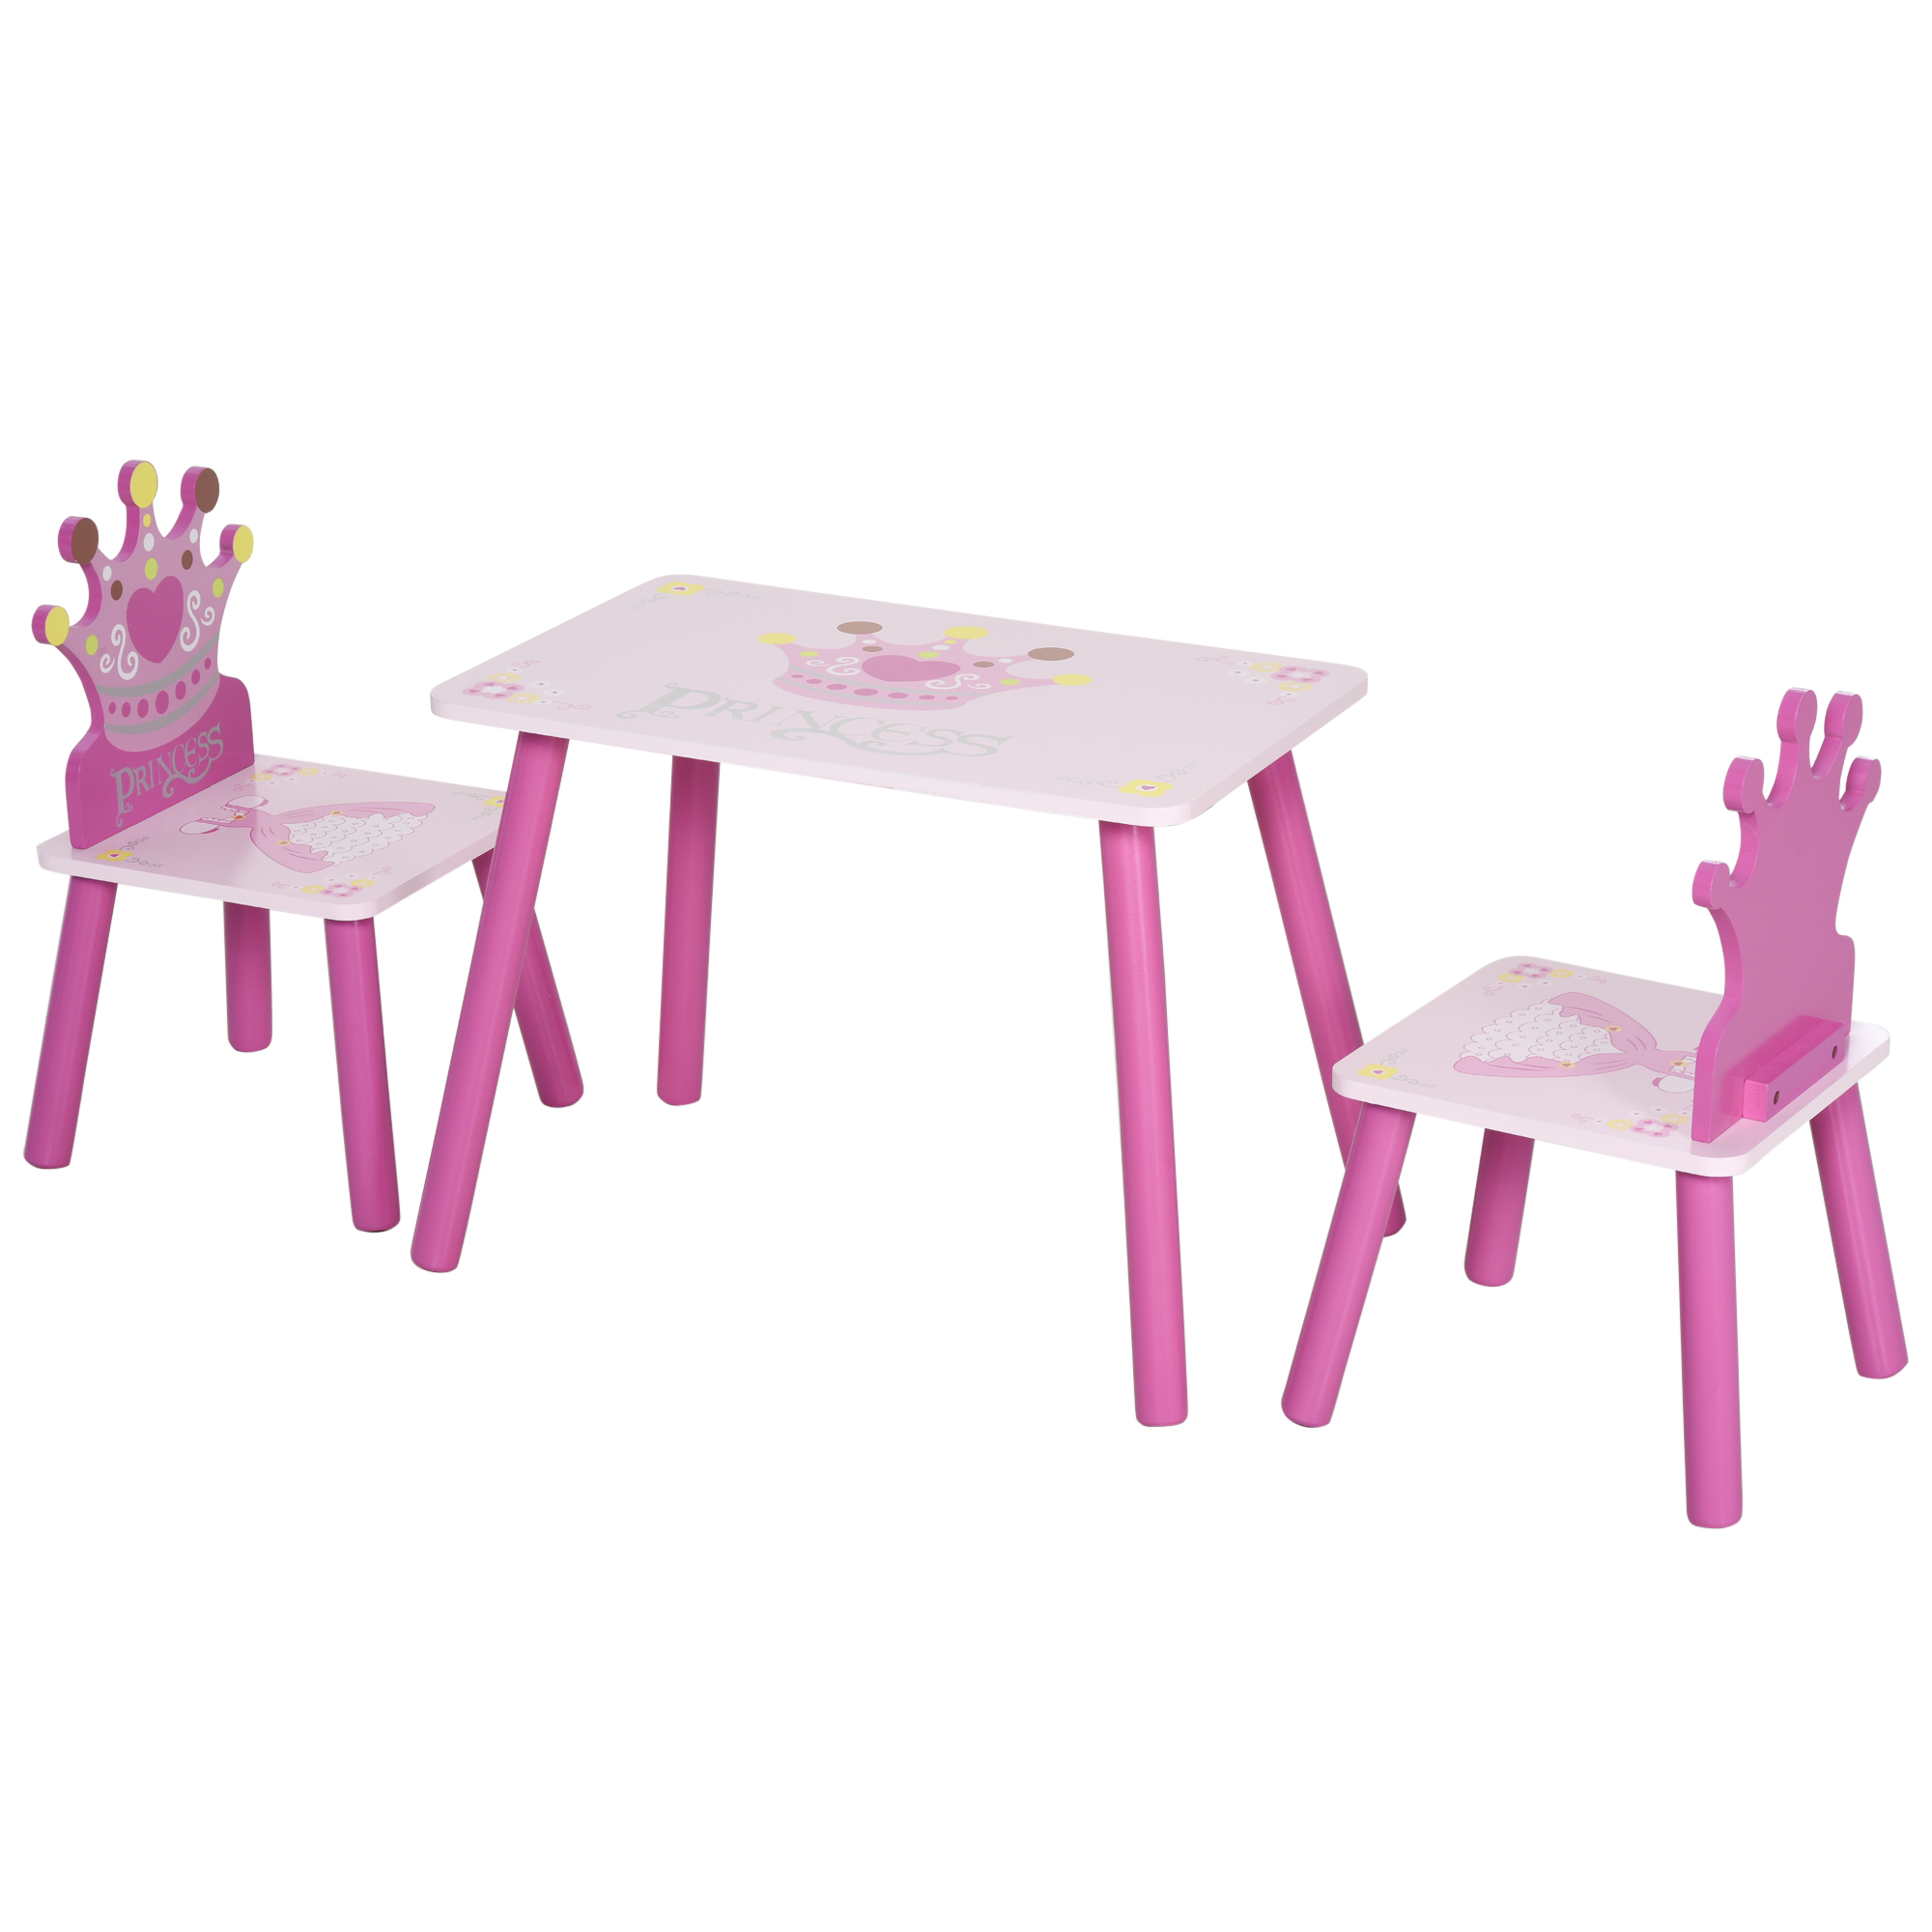 Homcom Set Tavolo e 2 Sedie Tema Principesse per Cameretta Bambini in Legno Rosa